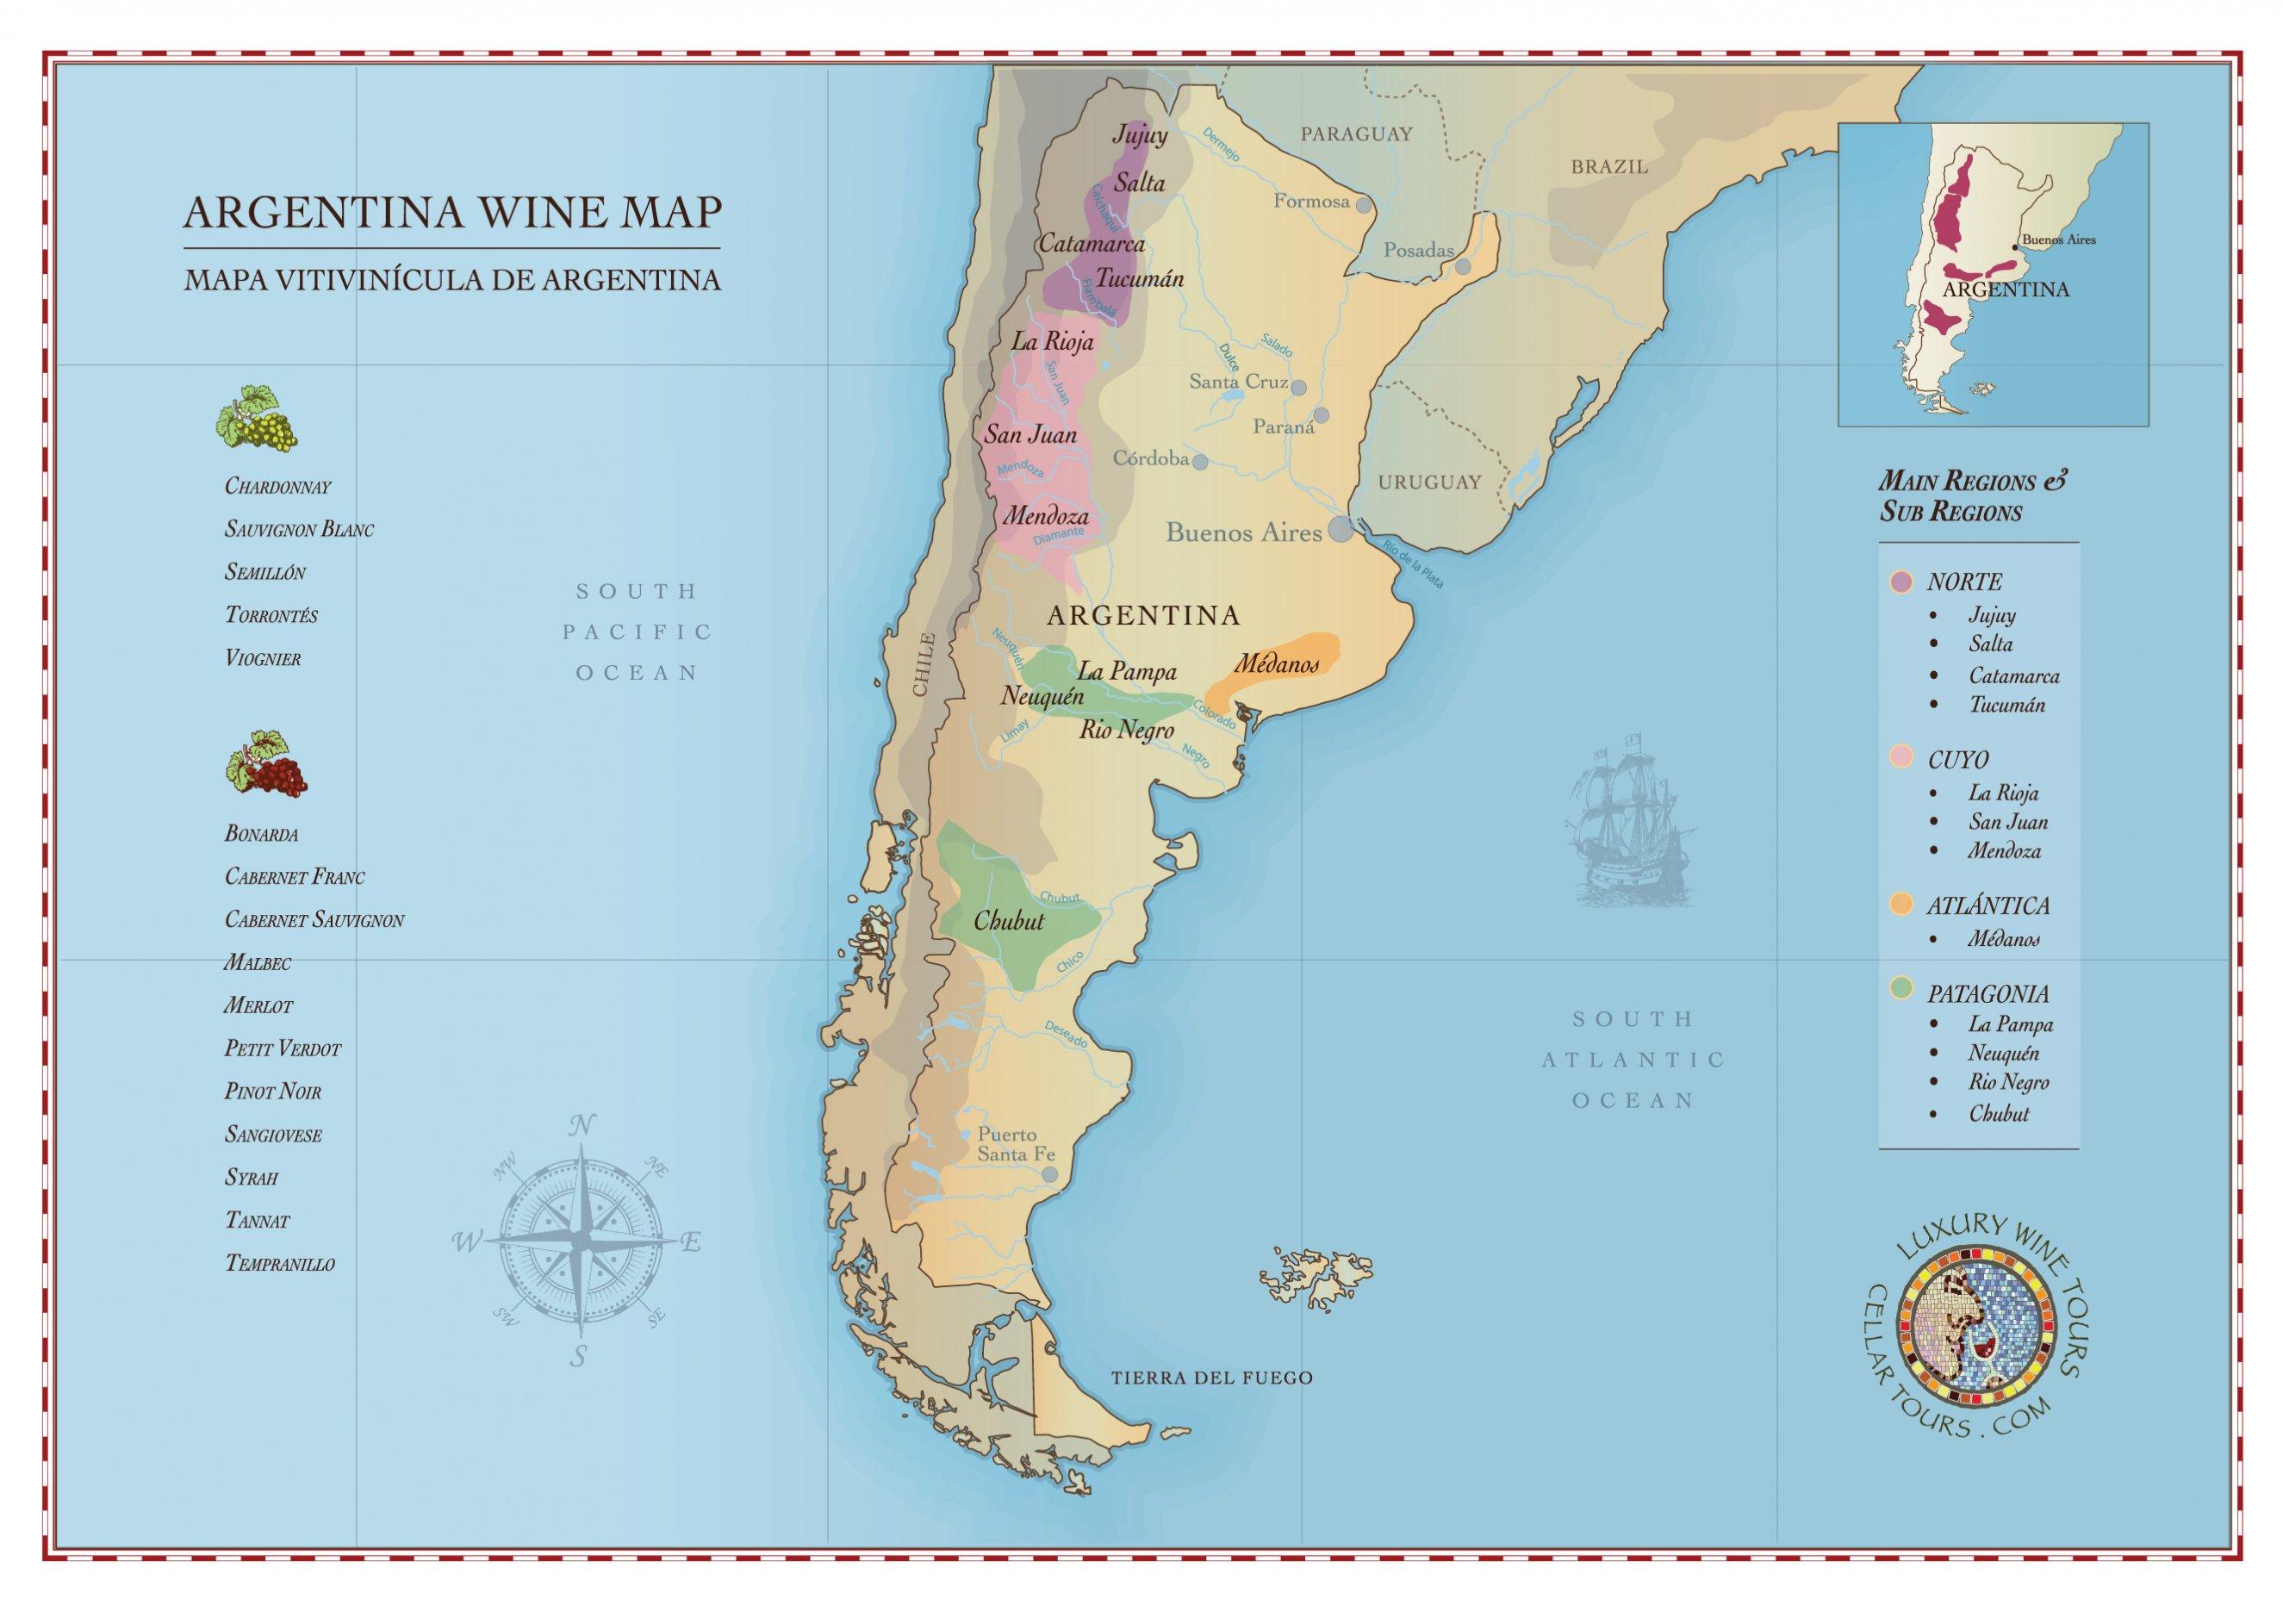 Argentina Wine Regions Map